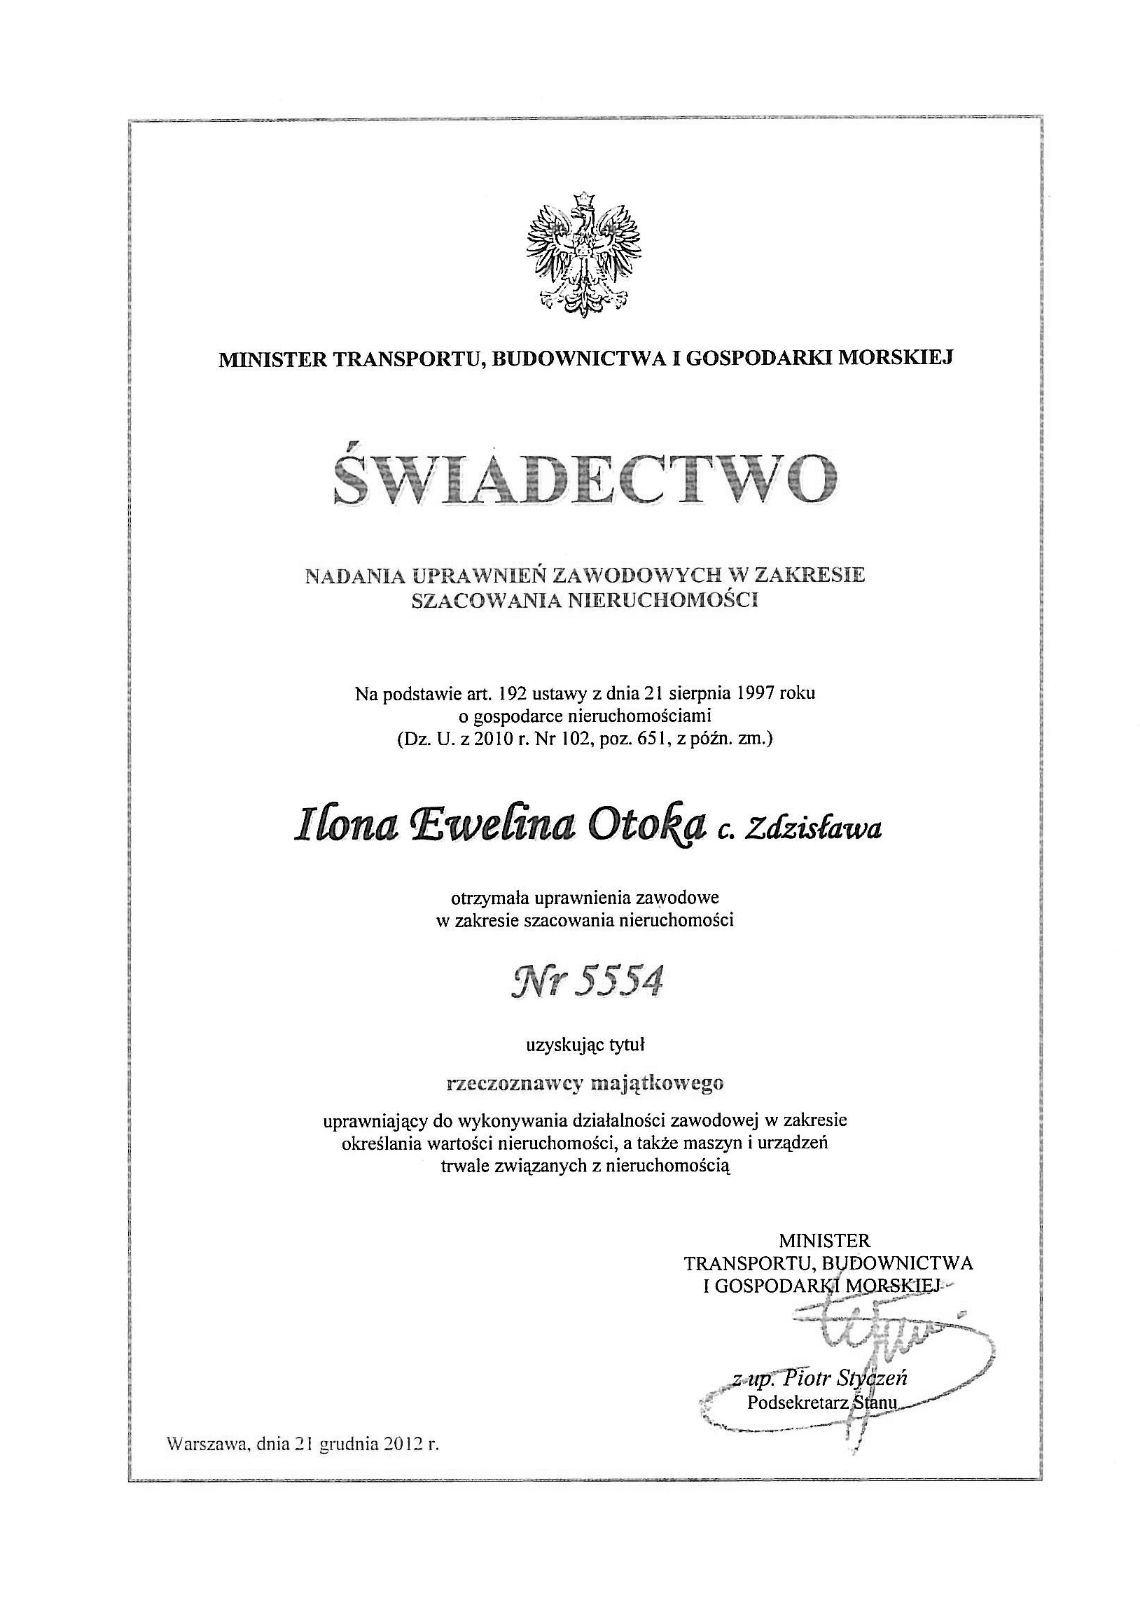 Ilona Otoka otrzymała uprawnienia zawodowe w zakresie szacowania nieruchomości